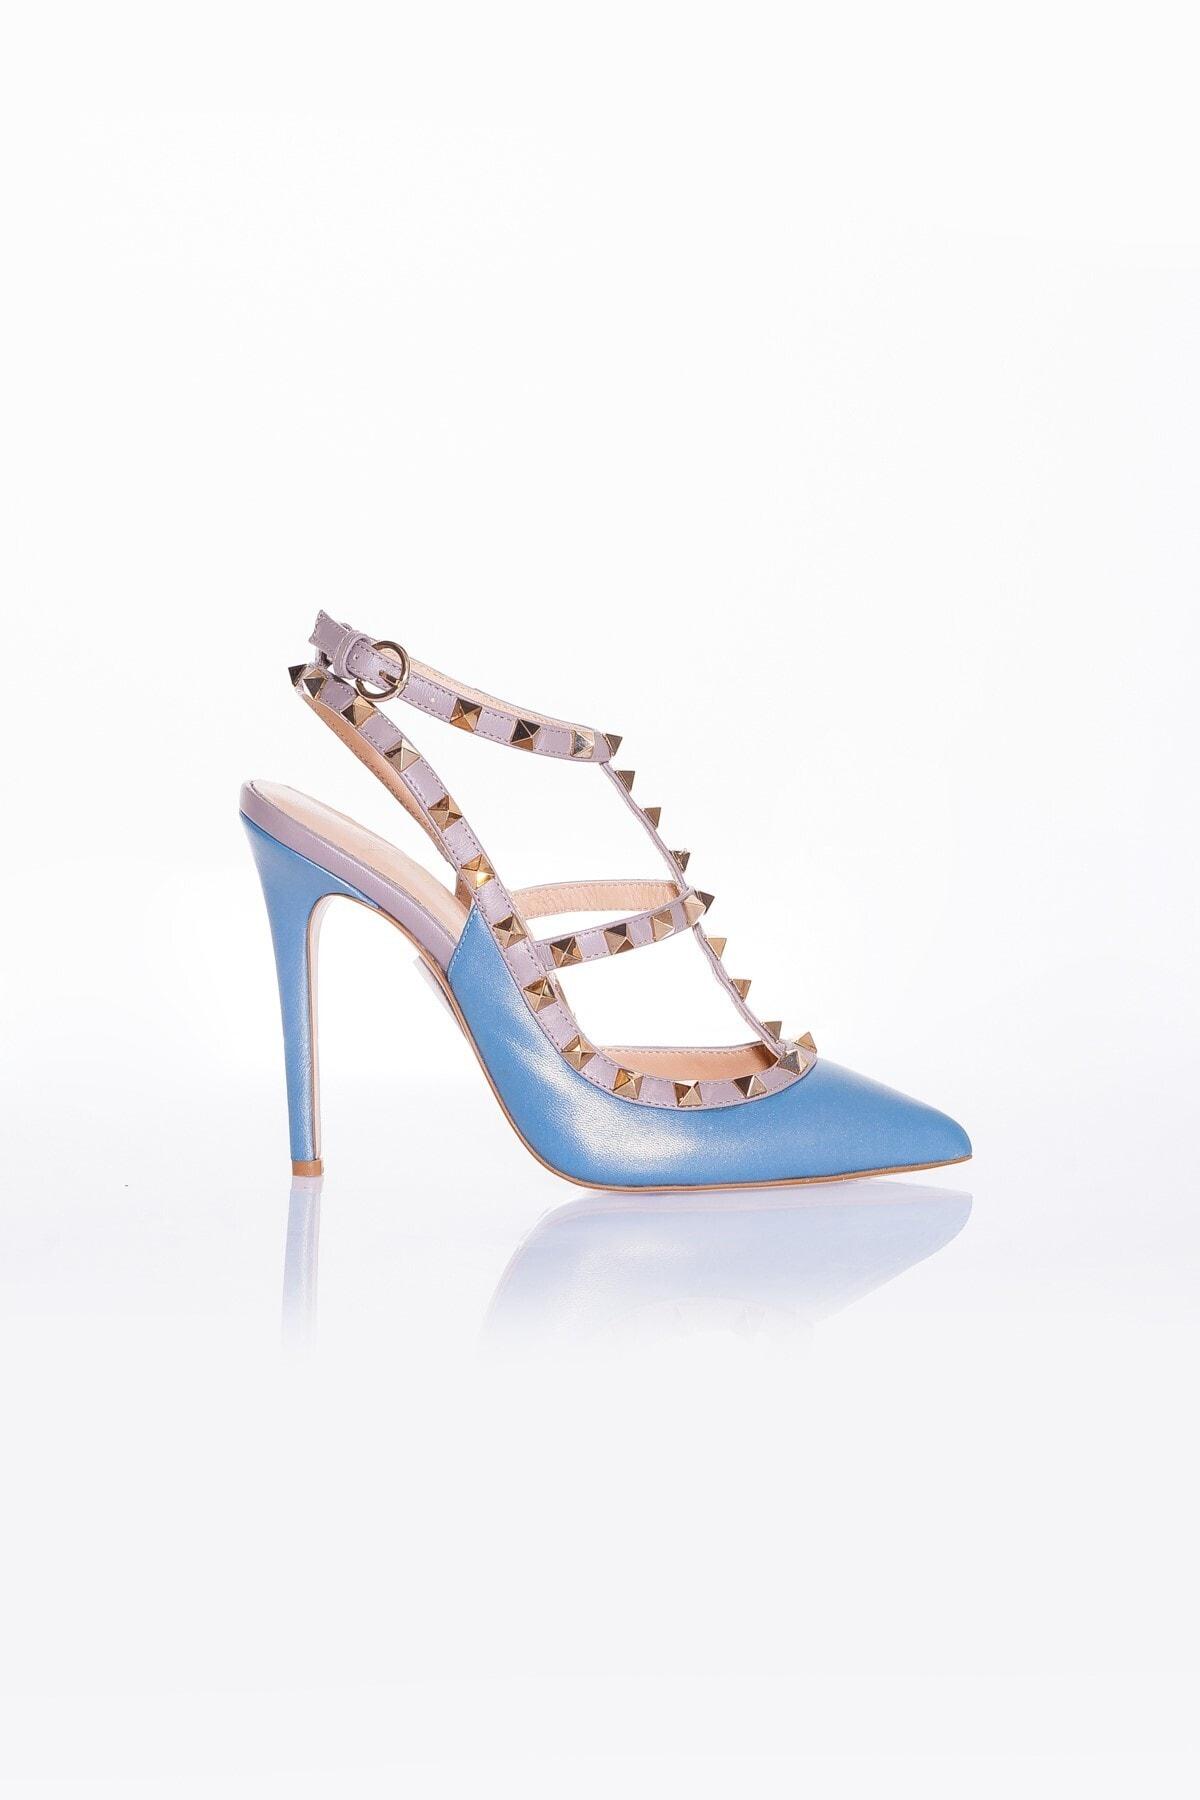 323-36 Kadın Deri Ayakkabı